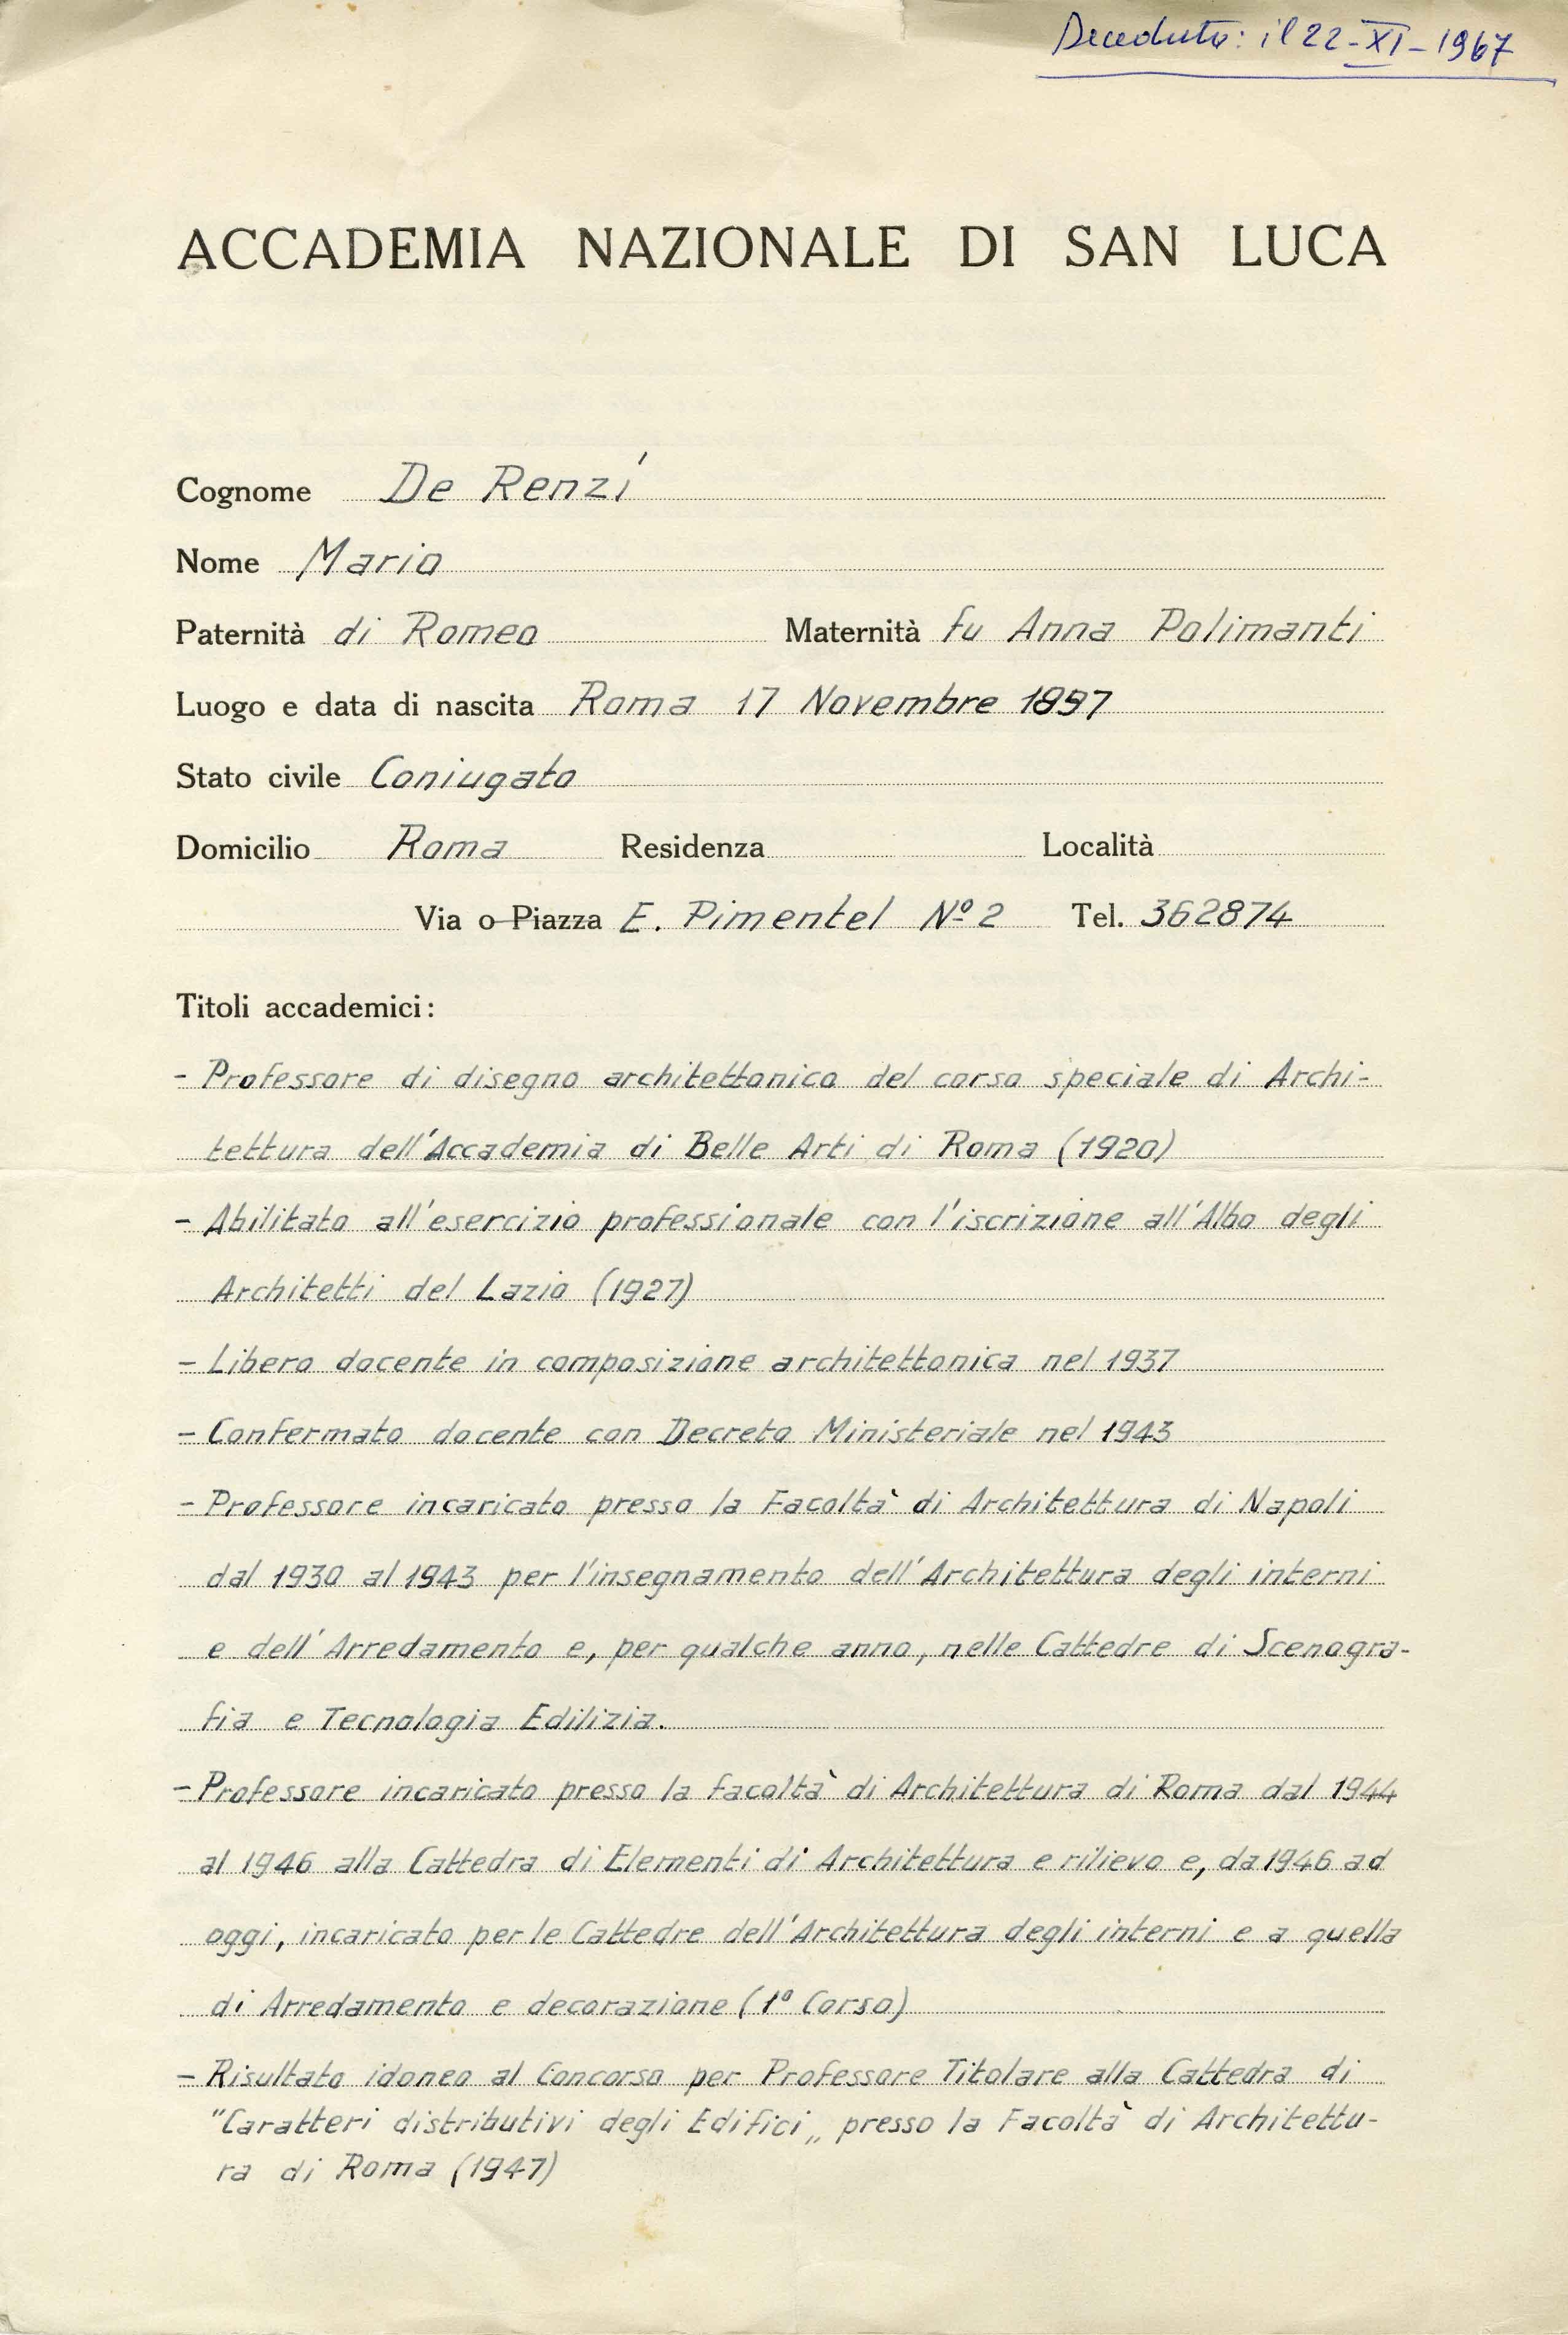 1951<br>Curriculum per l'Accademia Nazionale di San Luca